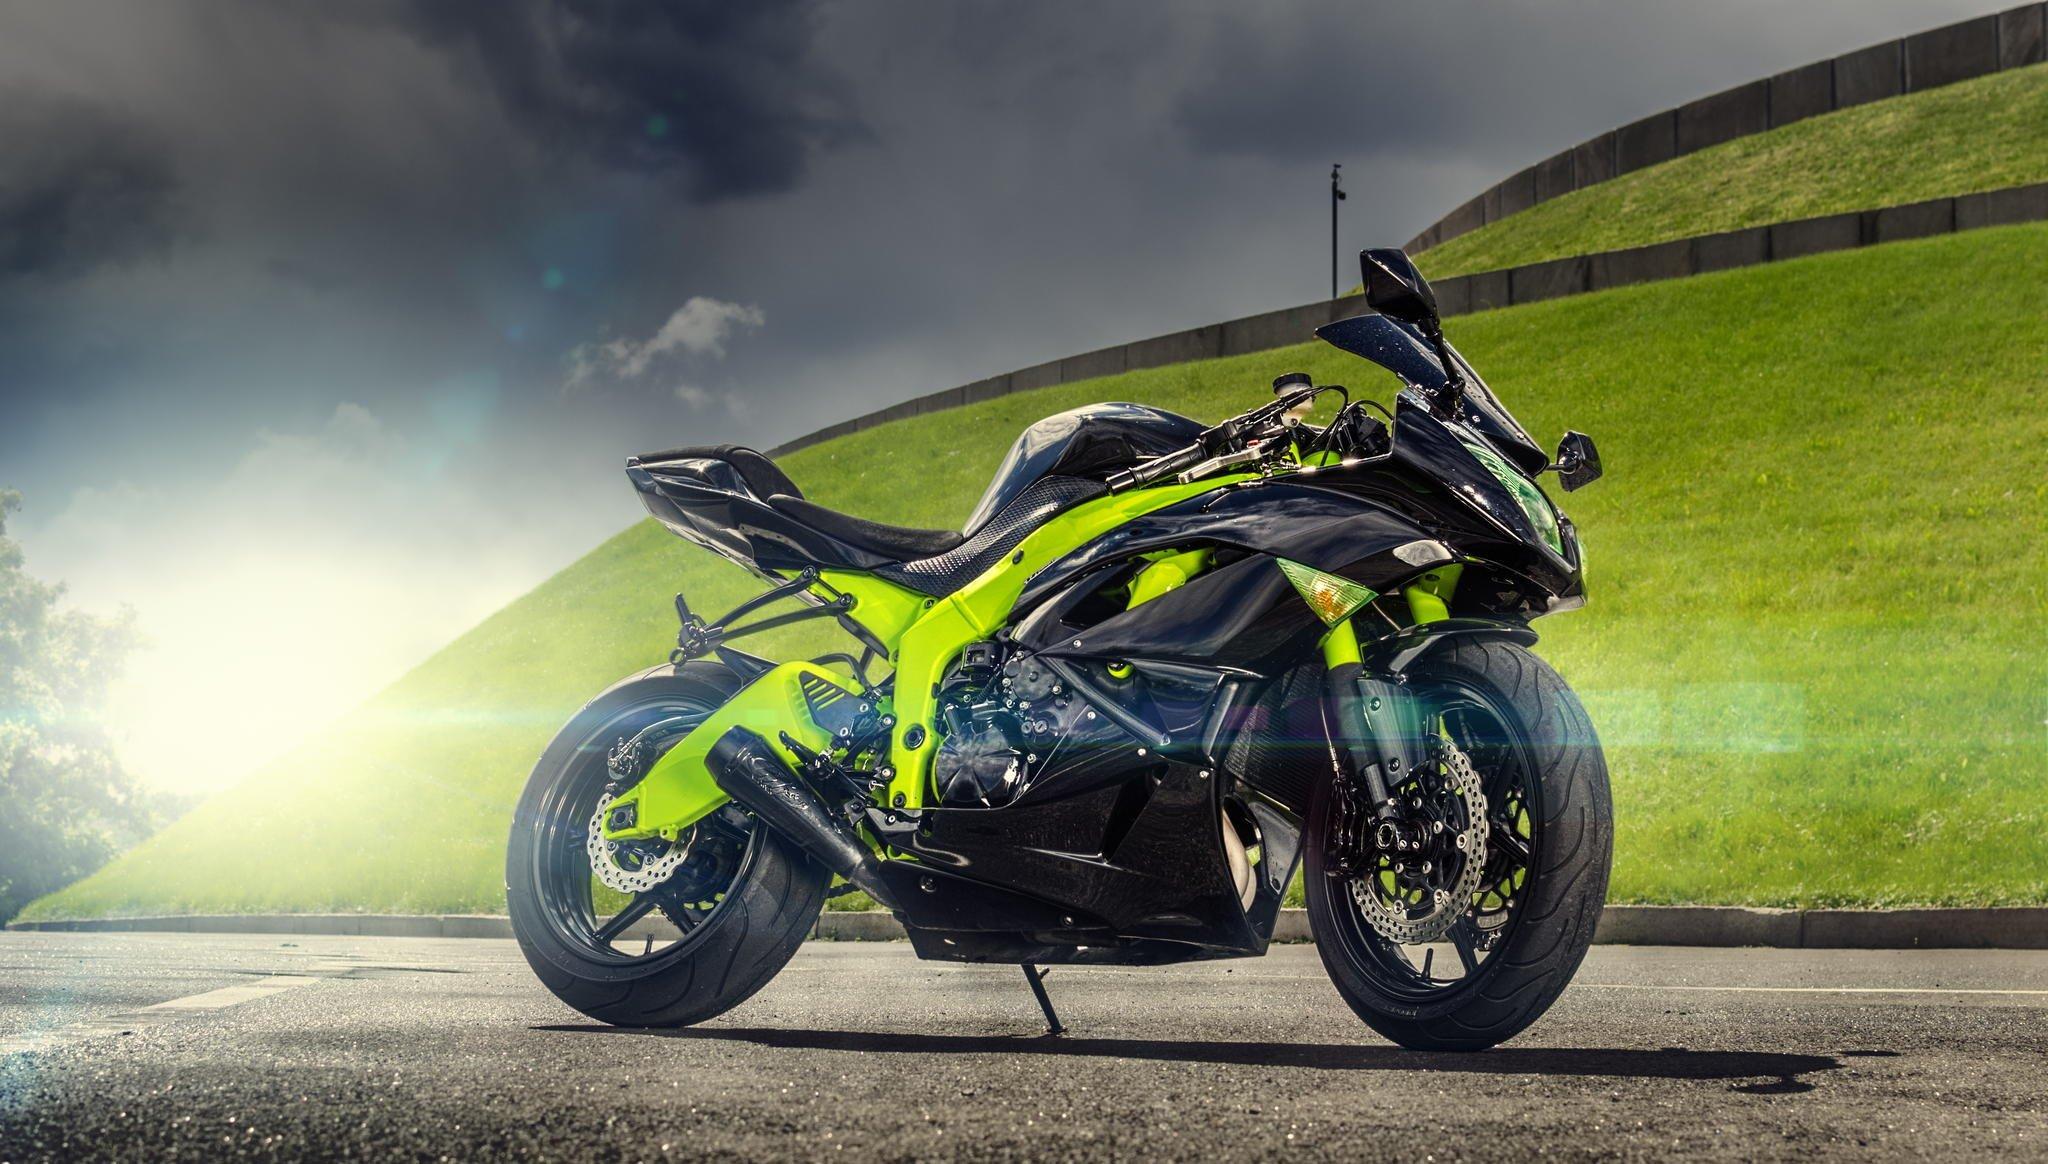 спортивный мотоцикл спорт sports motorcycle бесплатно